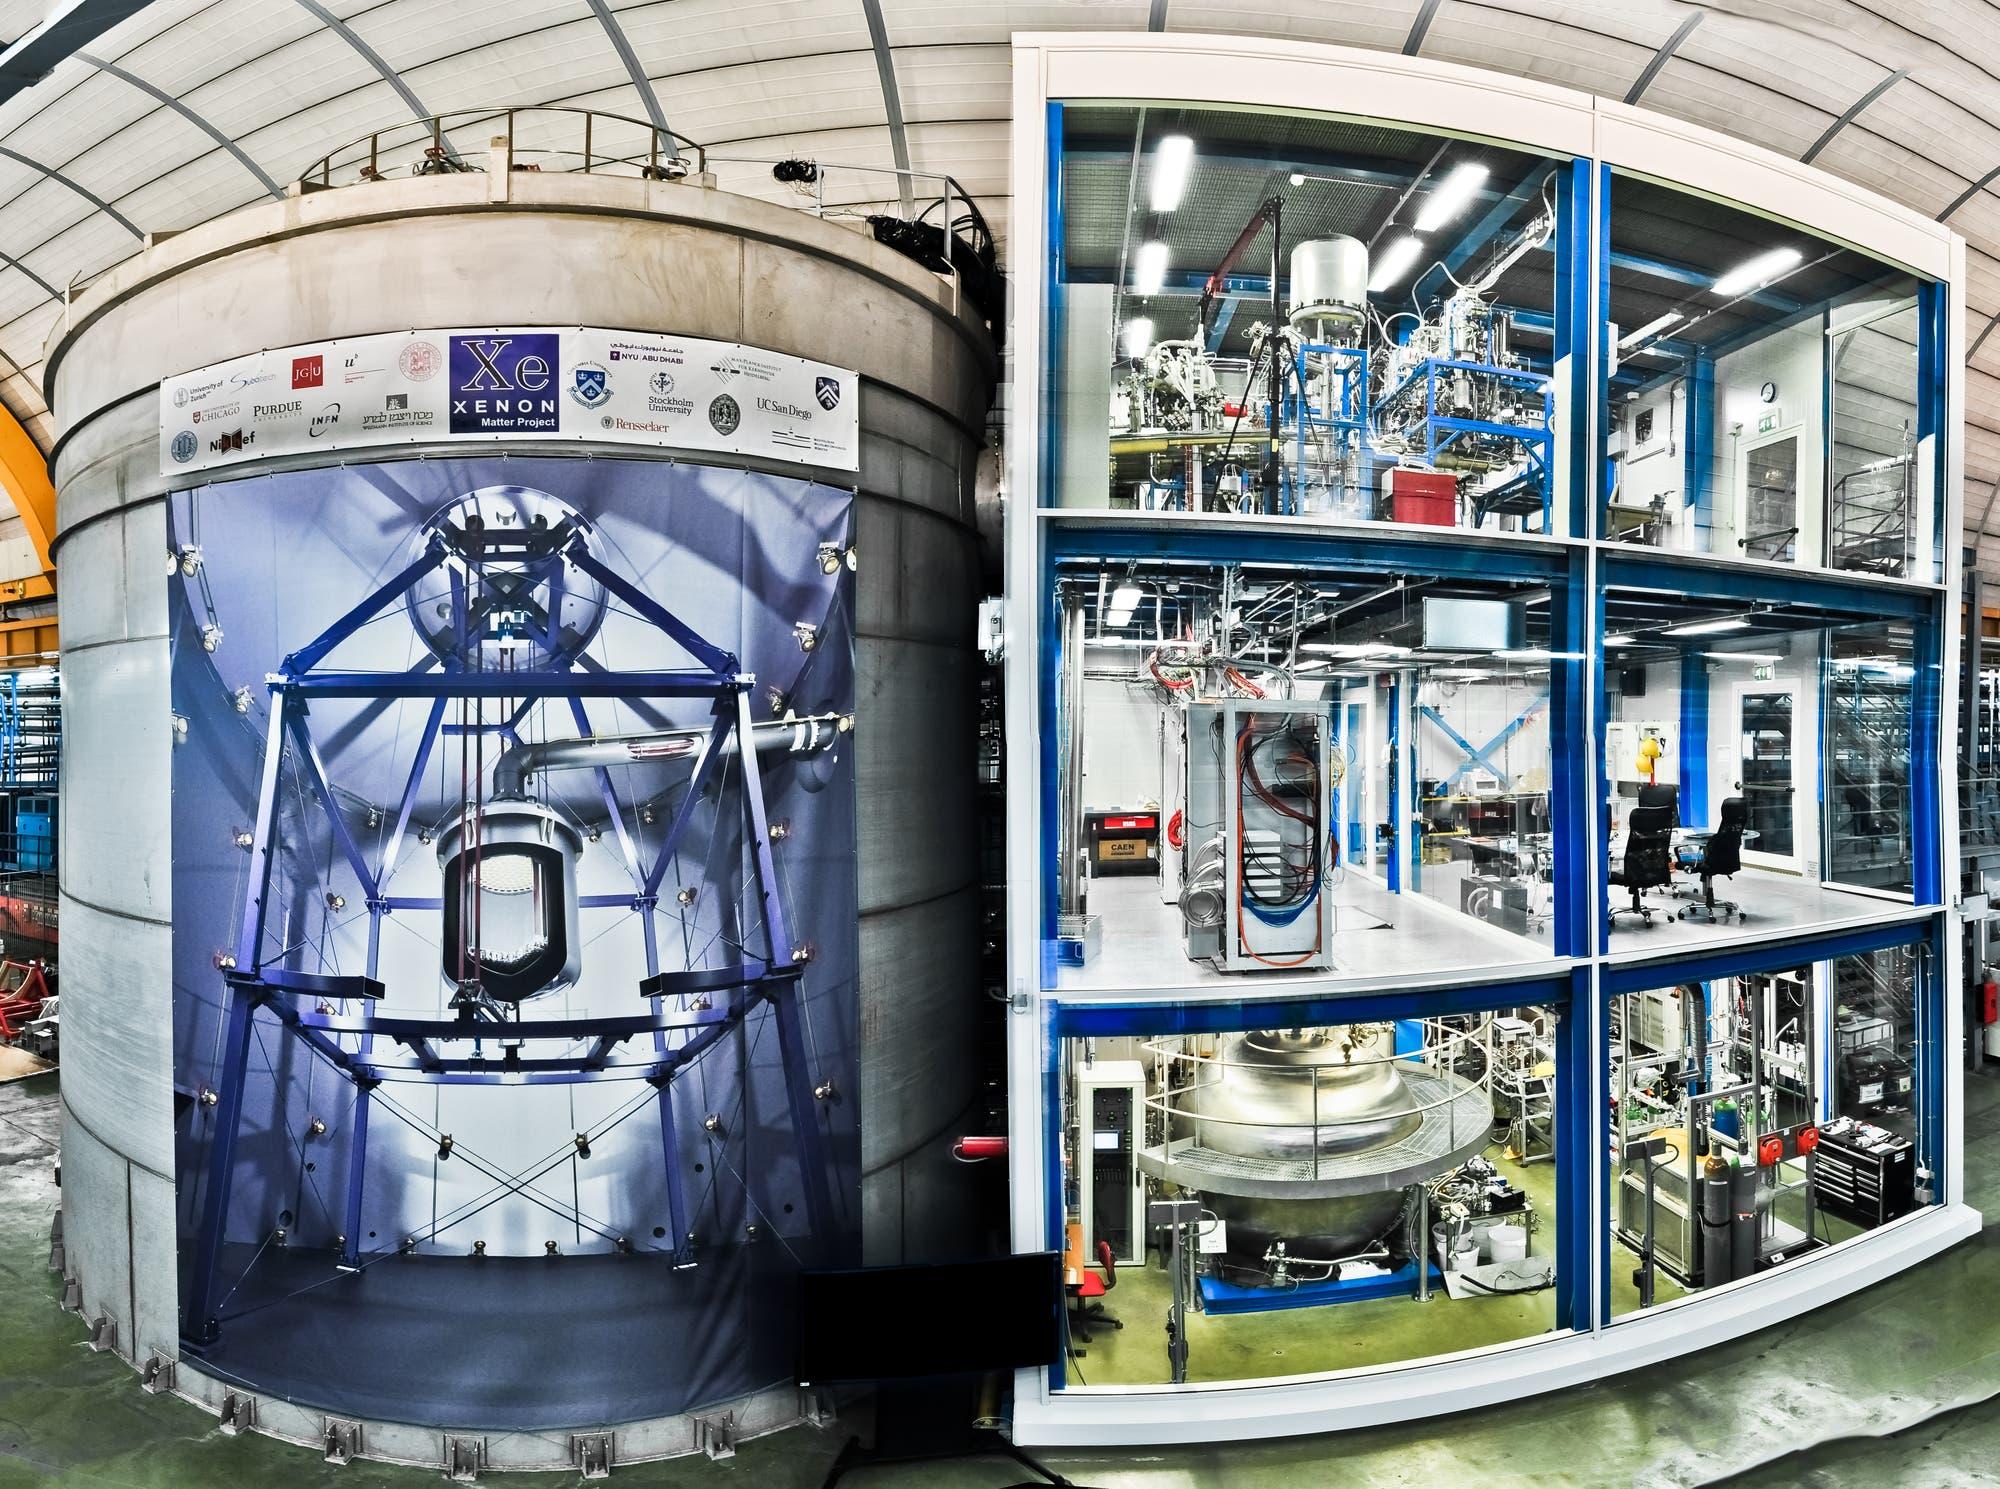 Wassertank und Gerätehaus von XENON1T – auf dem Tank ist eine Innenansicht des Tanks mit dem in der Mitte aufgehängten Detektor aufgedruckt.